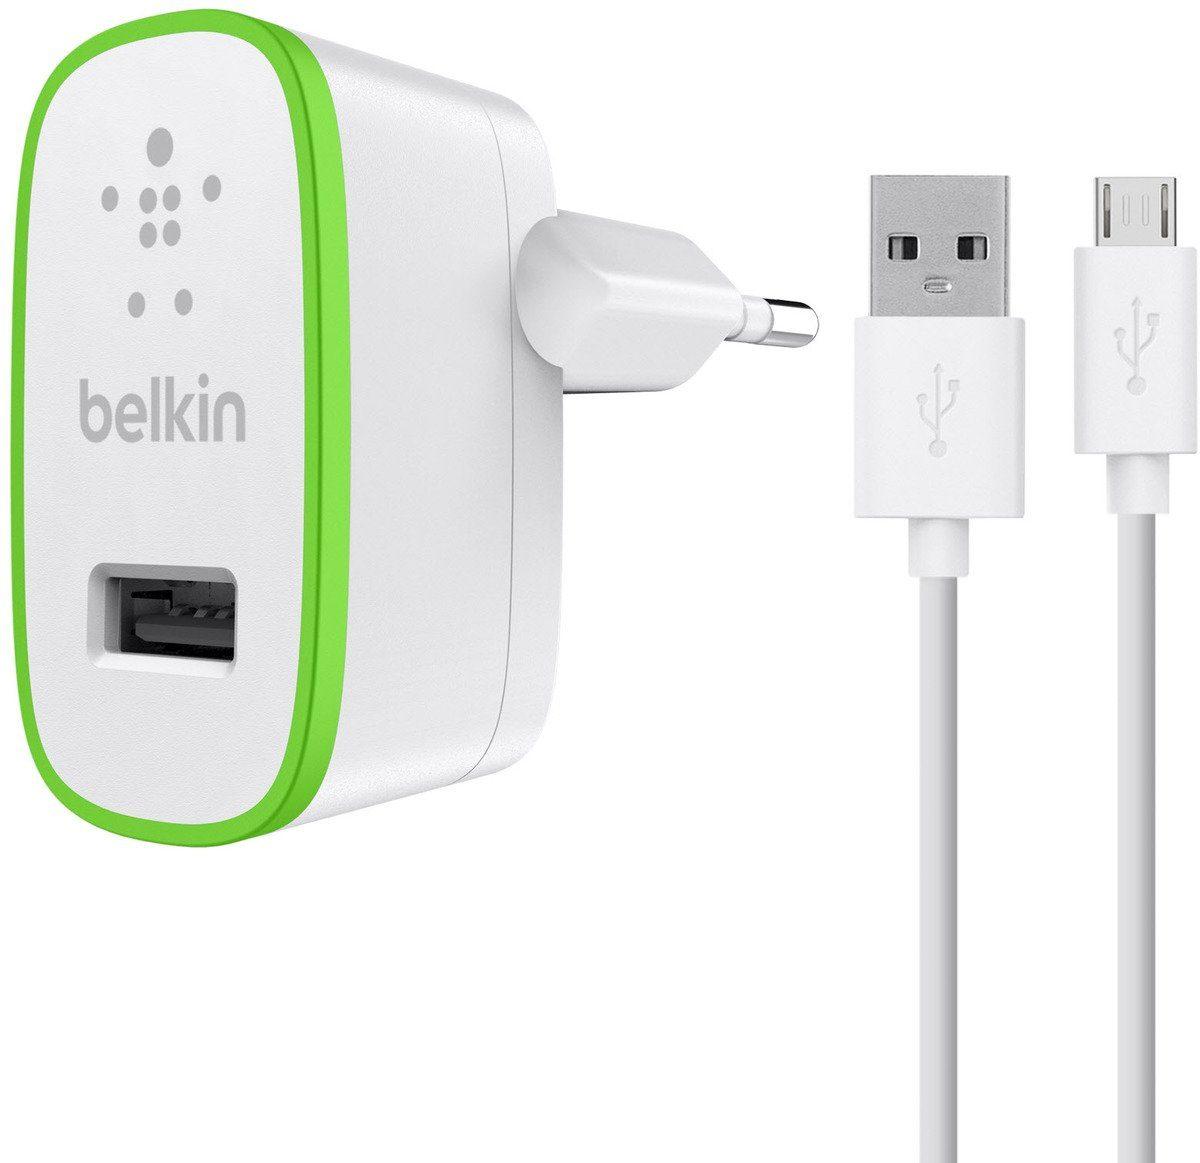 Belkin Lader »Netzladegerät 2,4A + Micro-USB Kabel 1,2m«